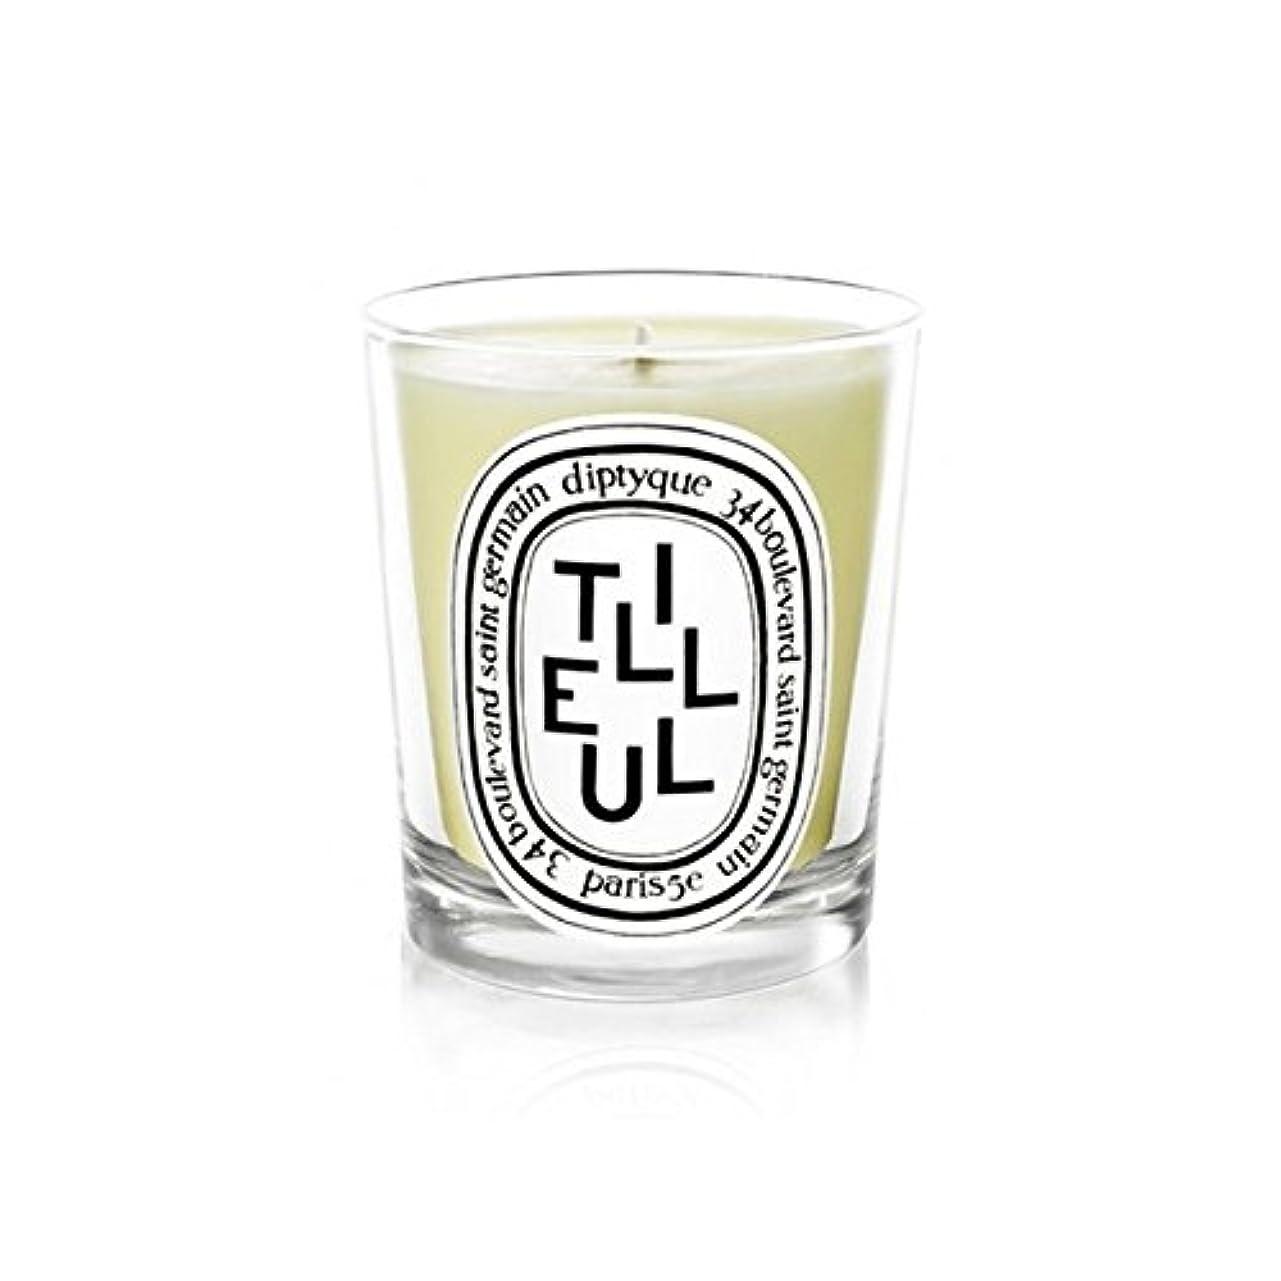 親密なブロンズ合理化Diptyque Candle Tilleul / Linden Tree 190g (Pack of 6) - DiptyqueキャンドルTilleulの/菩提樹の190グラム (x6) [並行輸入品]